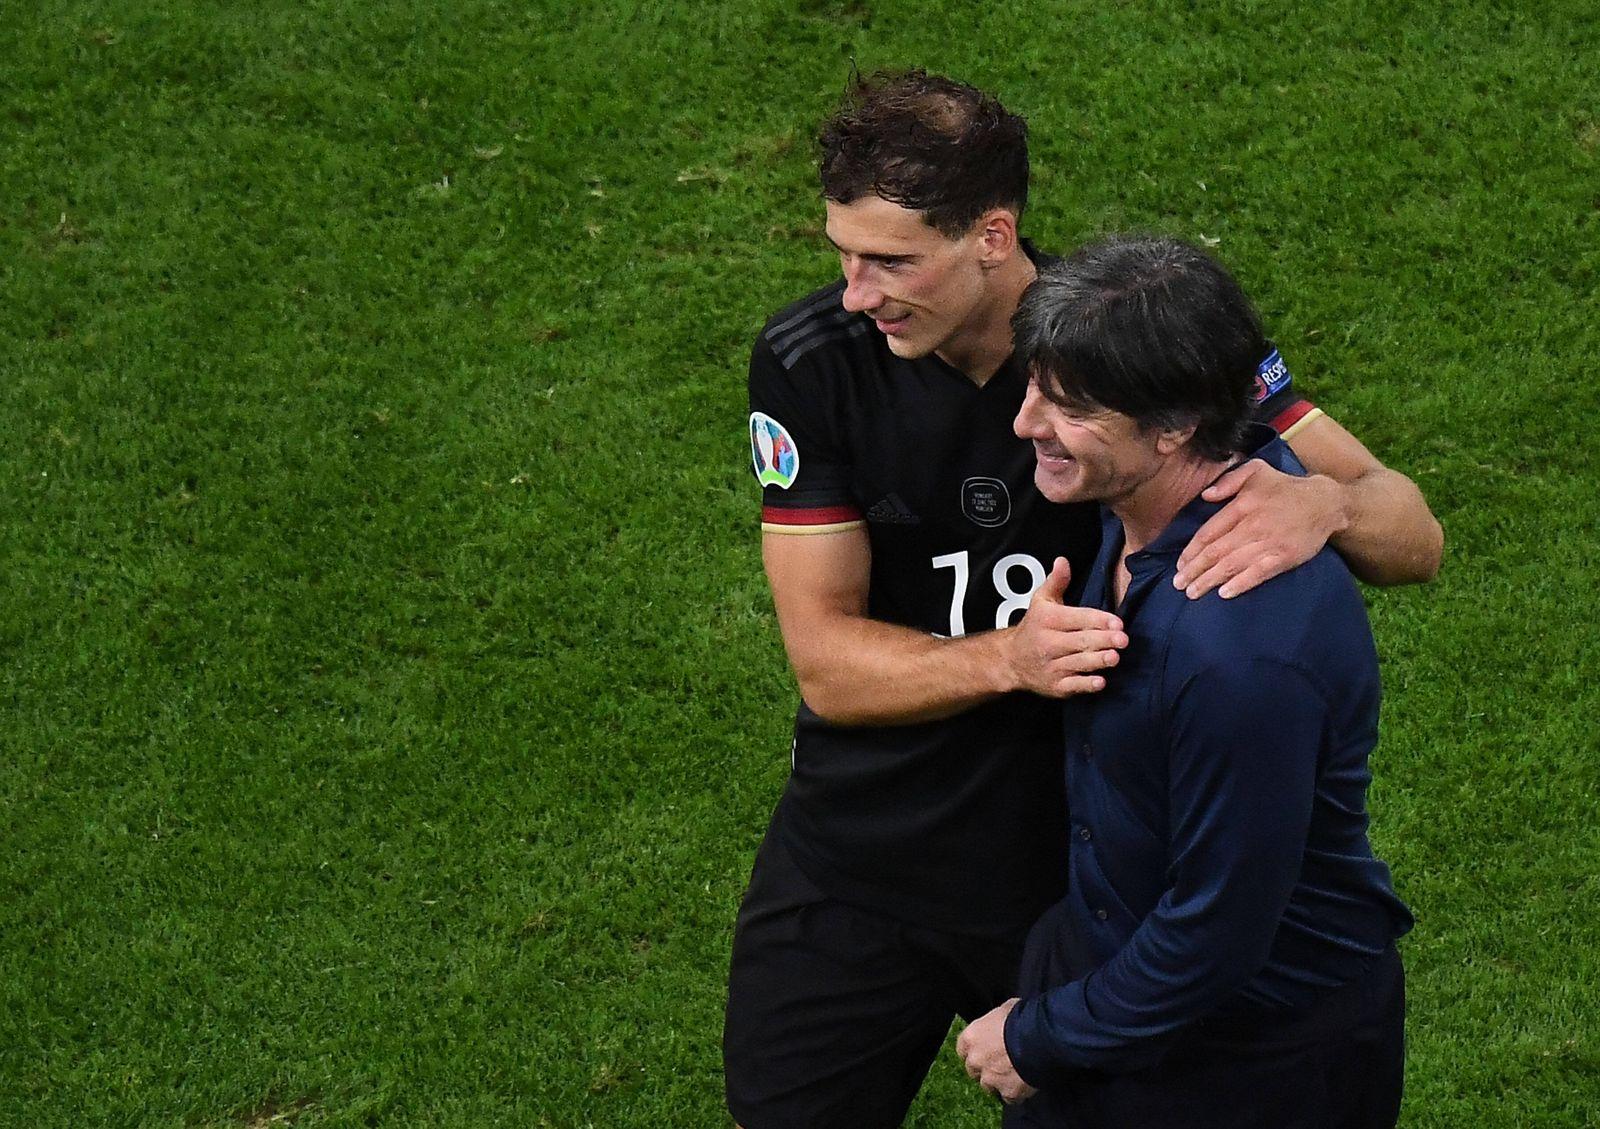 Sport Bilder des Tages 23.06.2021, xjhx, Fussball Europameisterschaft 2020 Gruppe F, Deutschland - Ungarn emspor, v.l. L